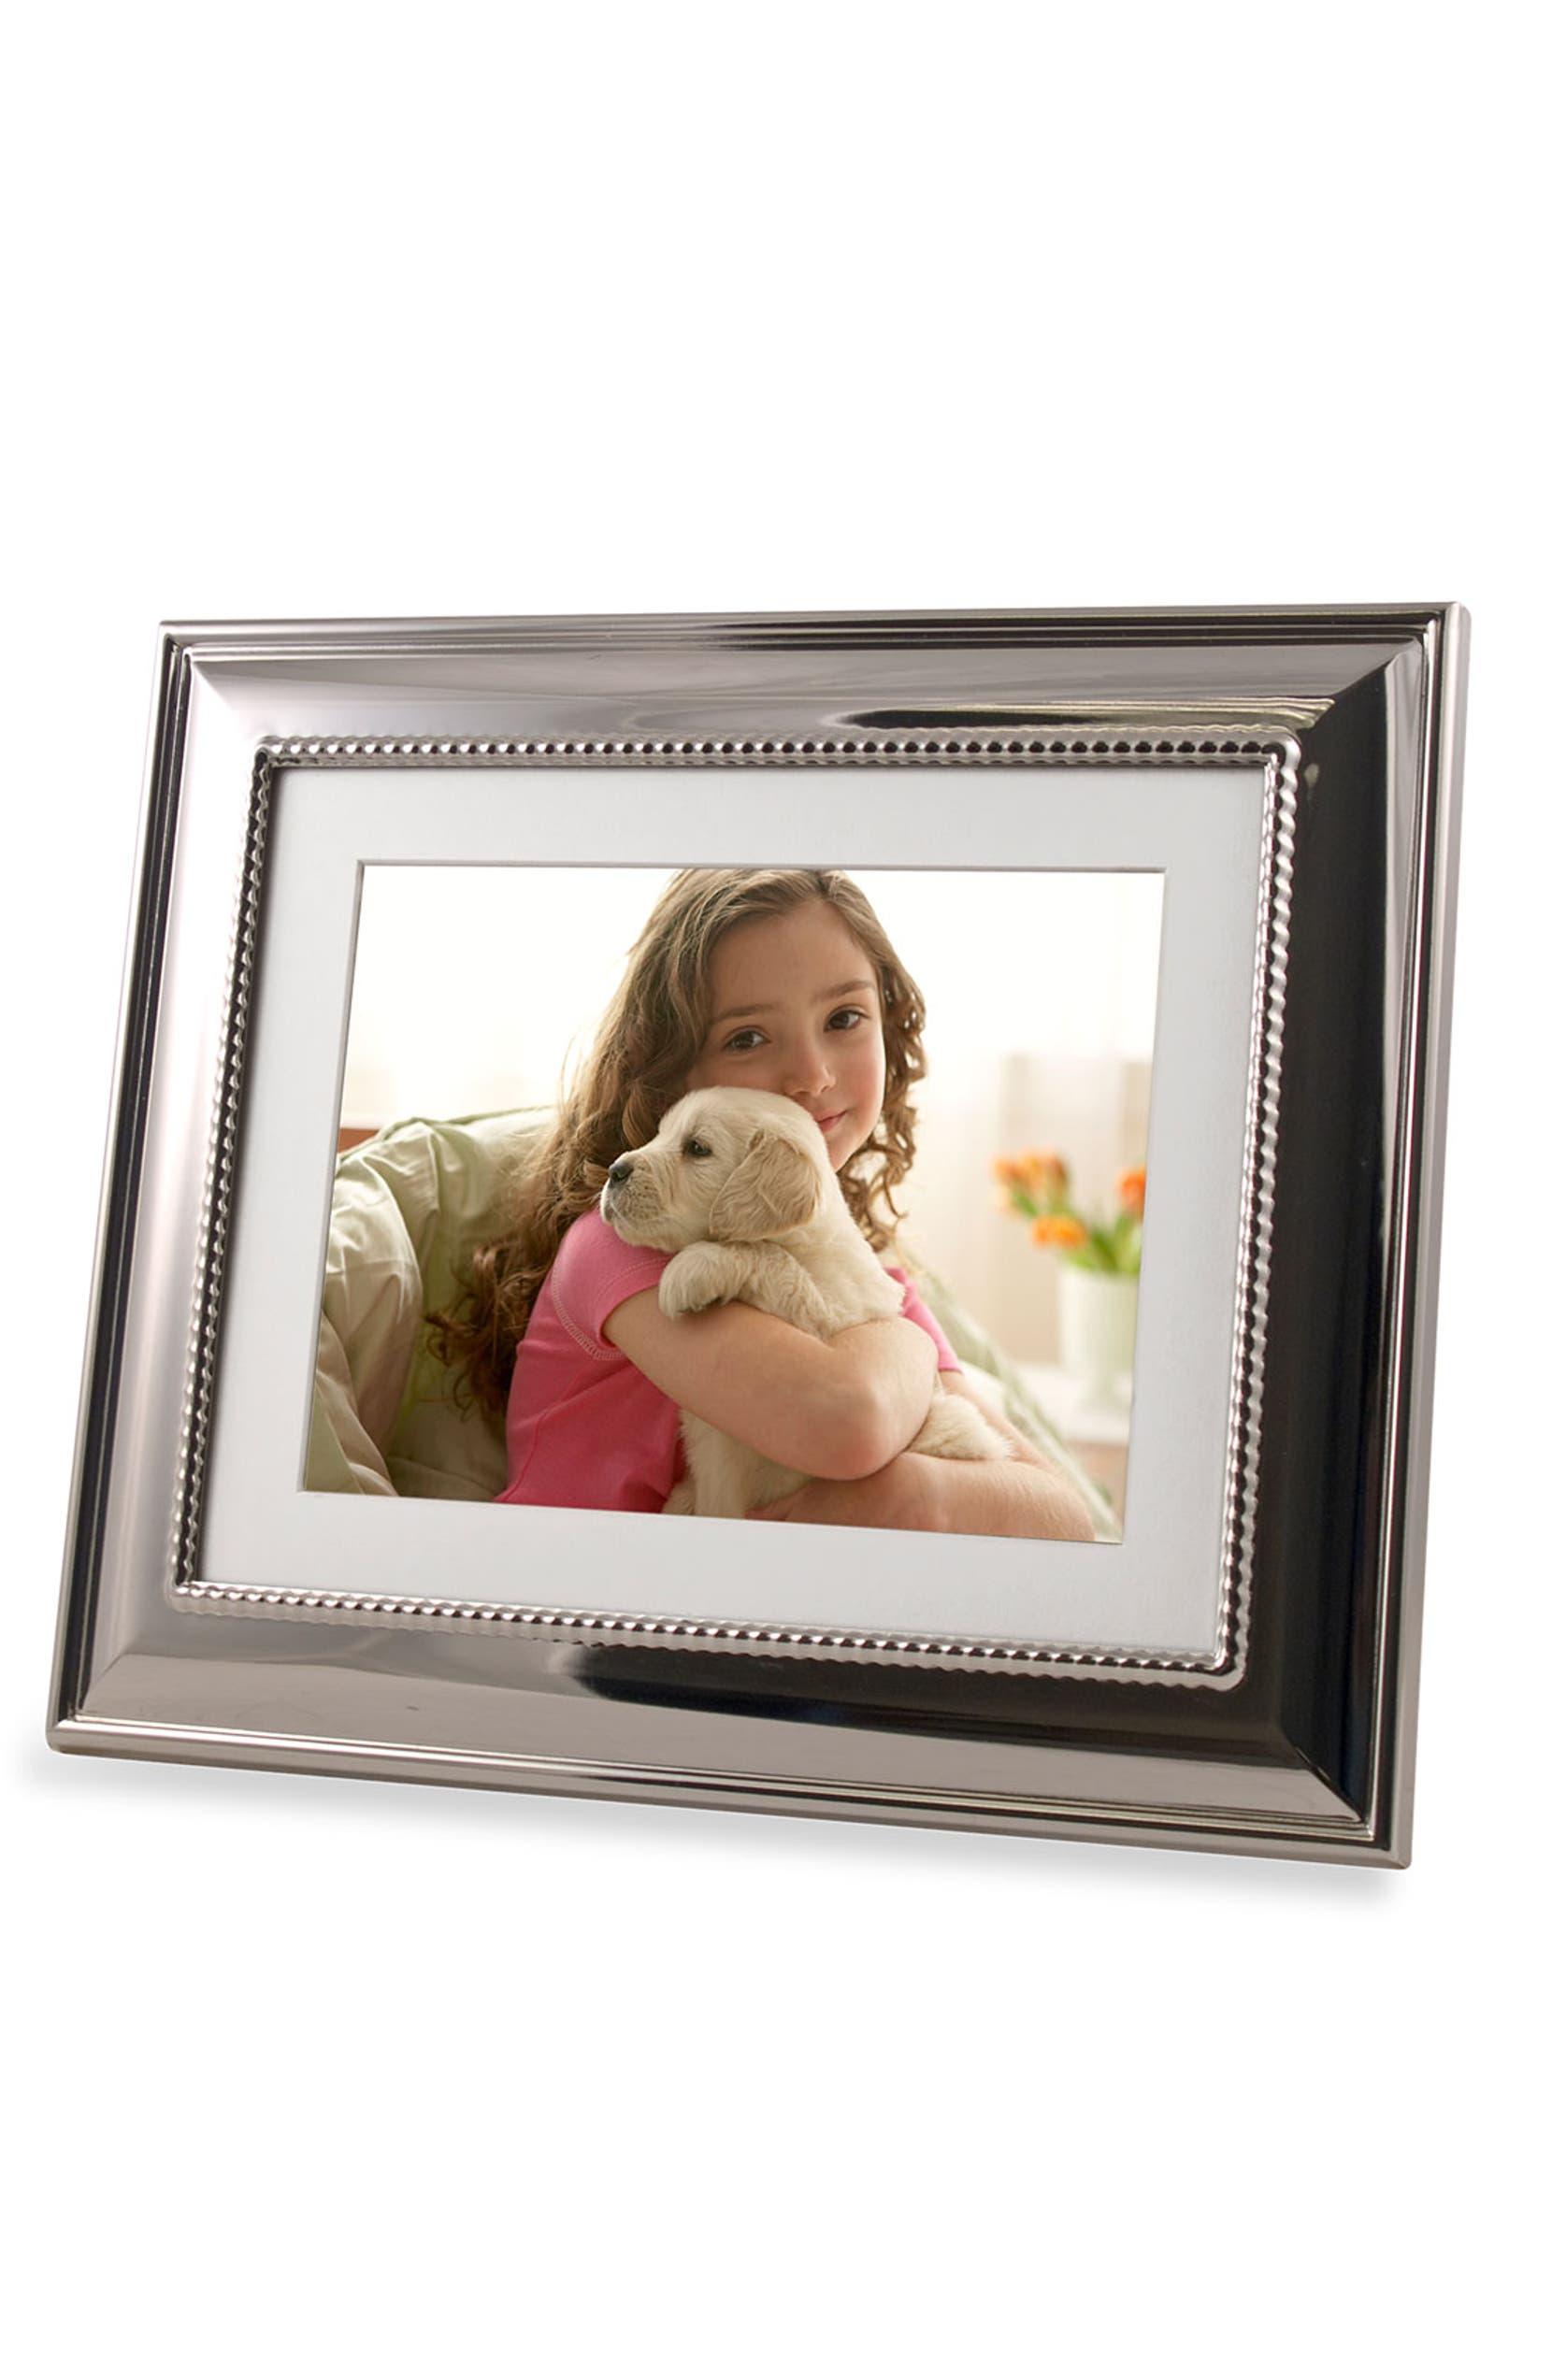 Pandigital Digital Picture Frame   Nordstrom